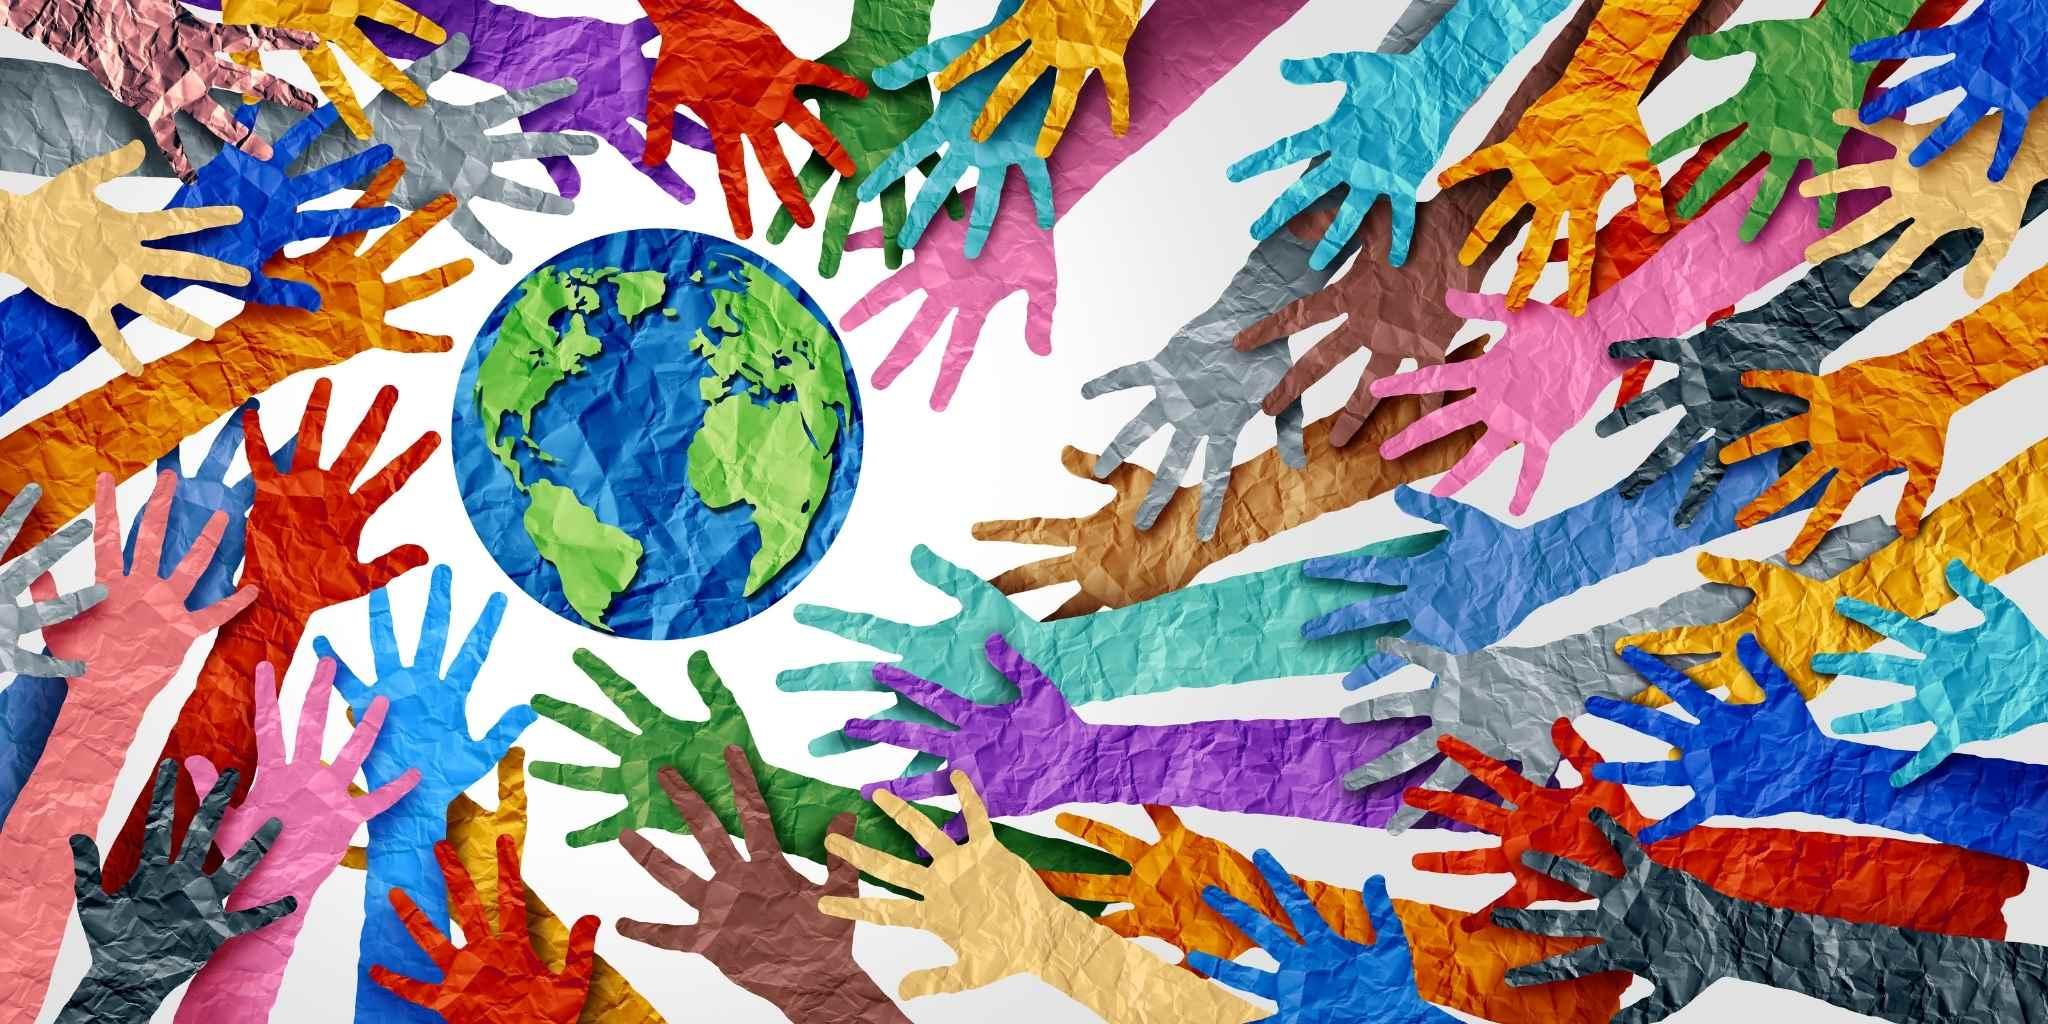 Kindern Kultur und Vielfalt näher bringen - Tipps und Aktivitäten